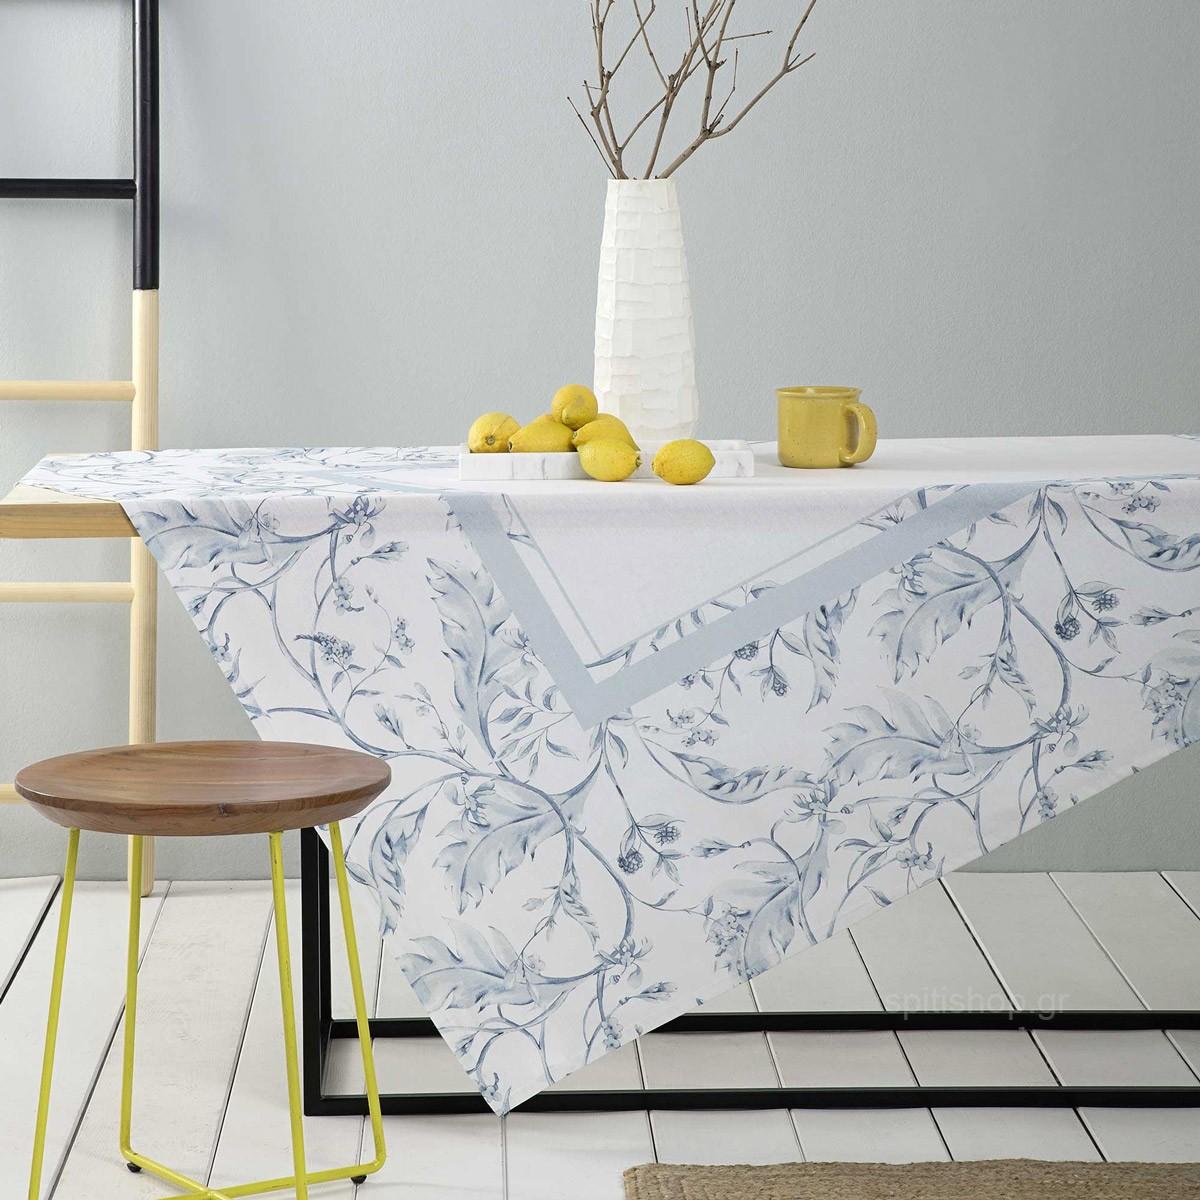 Τραπεζομάντηλο (140×190) Nima Table Linen Oriana